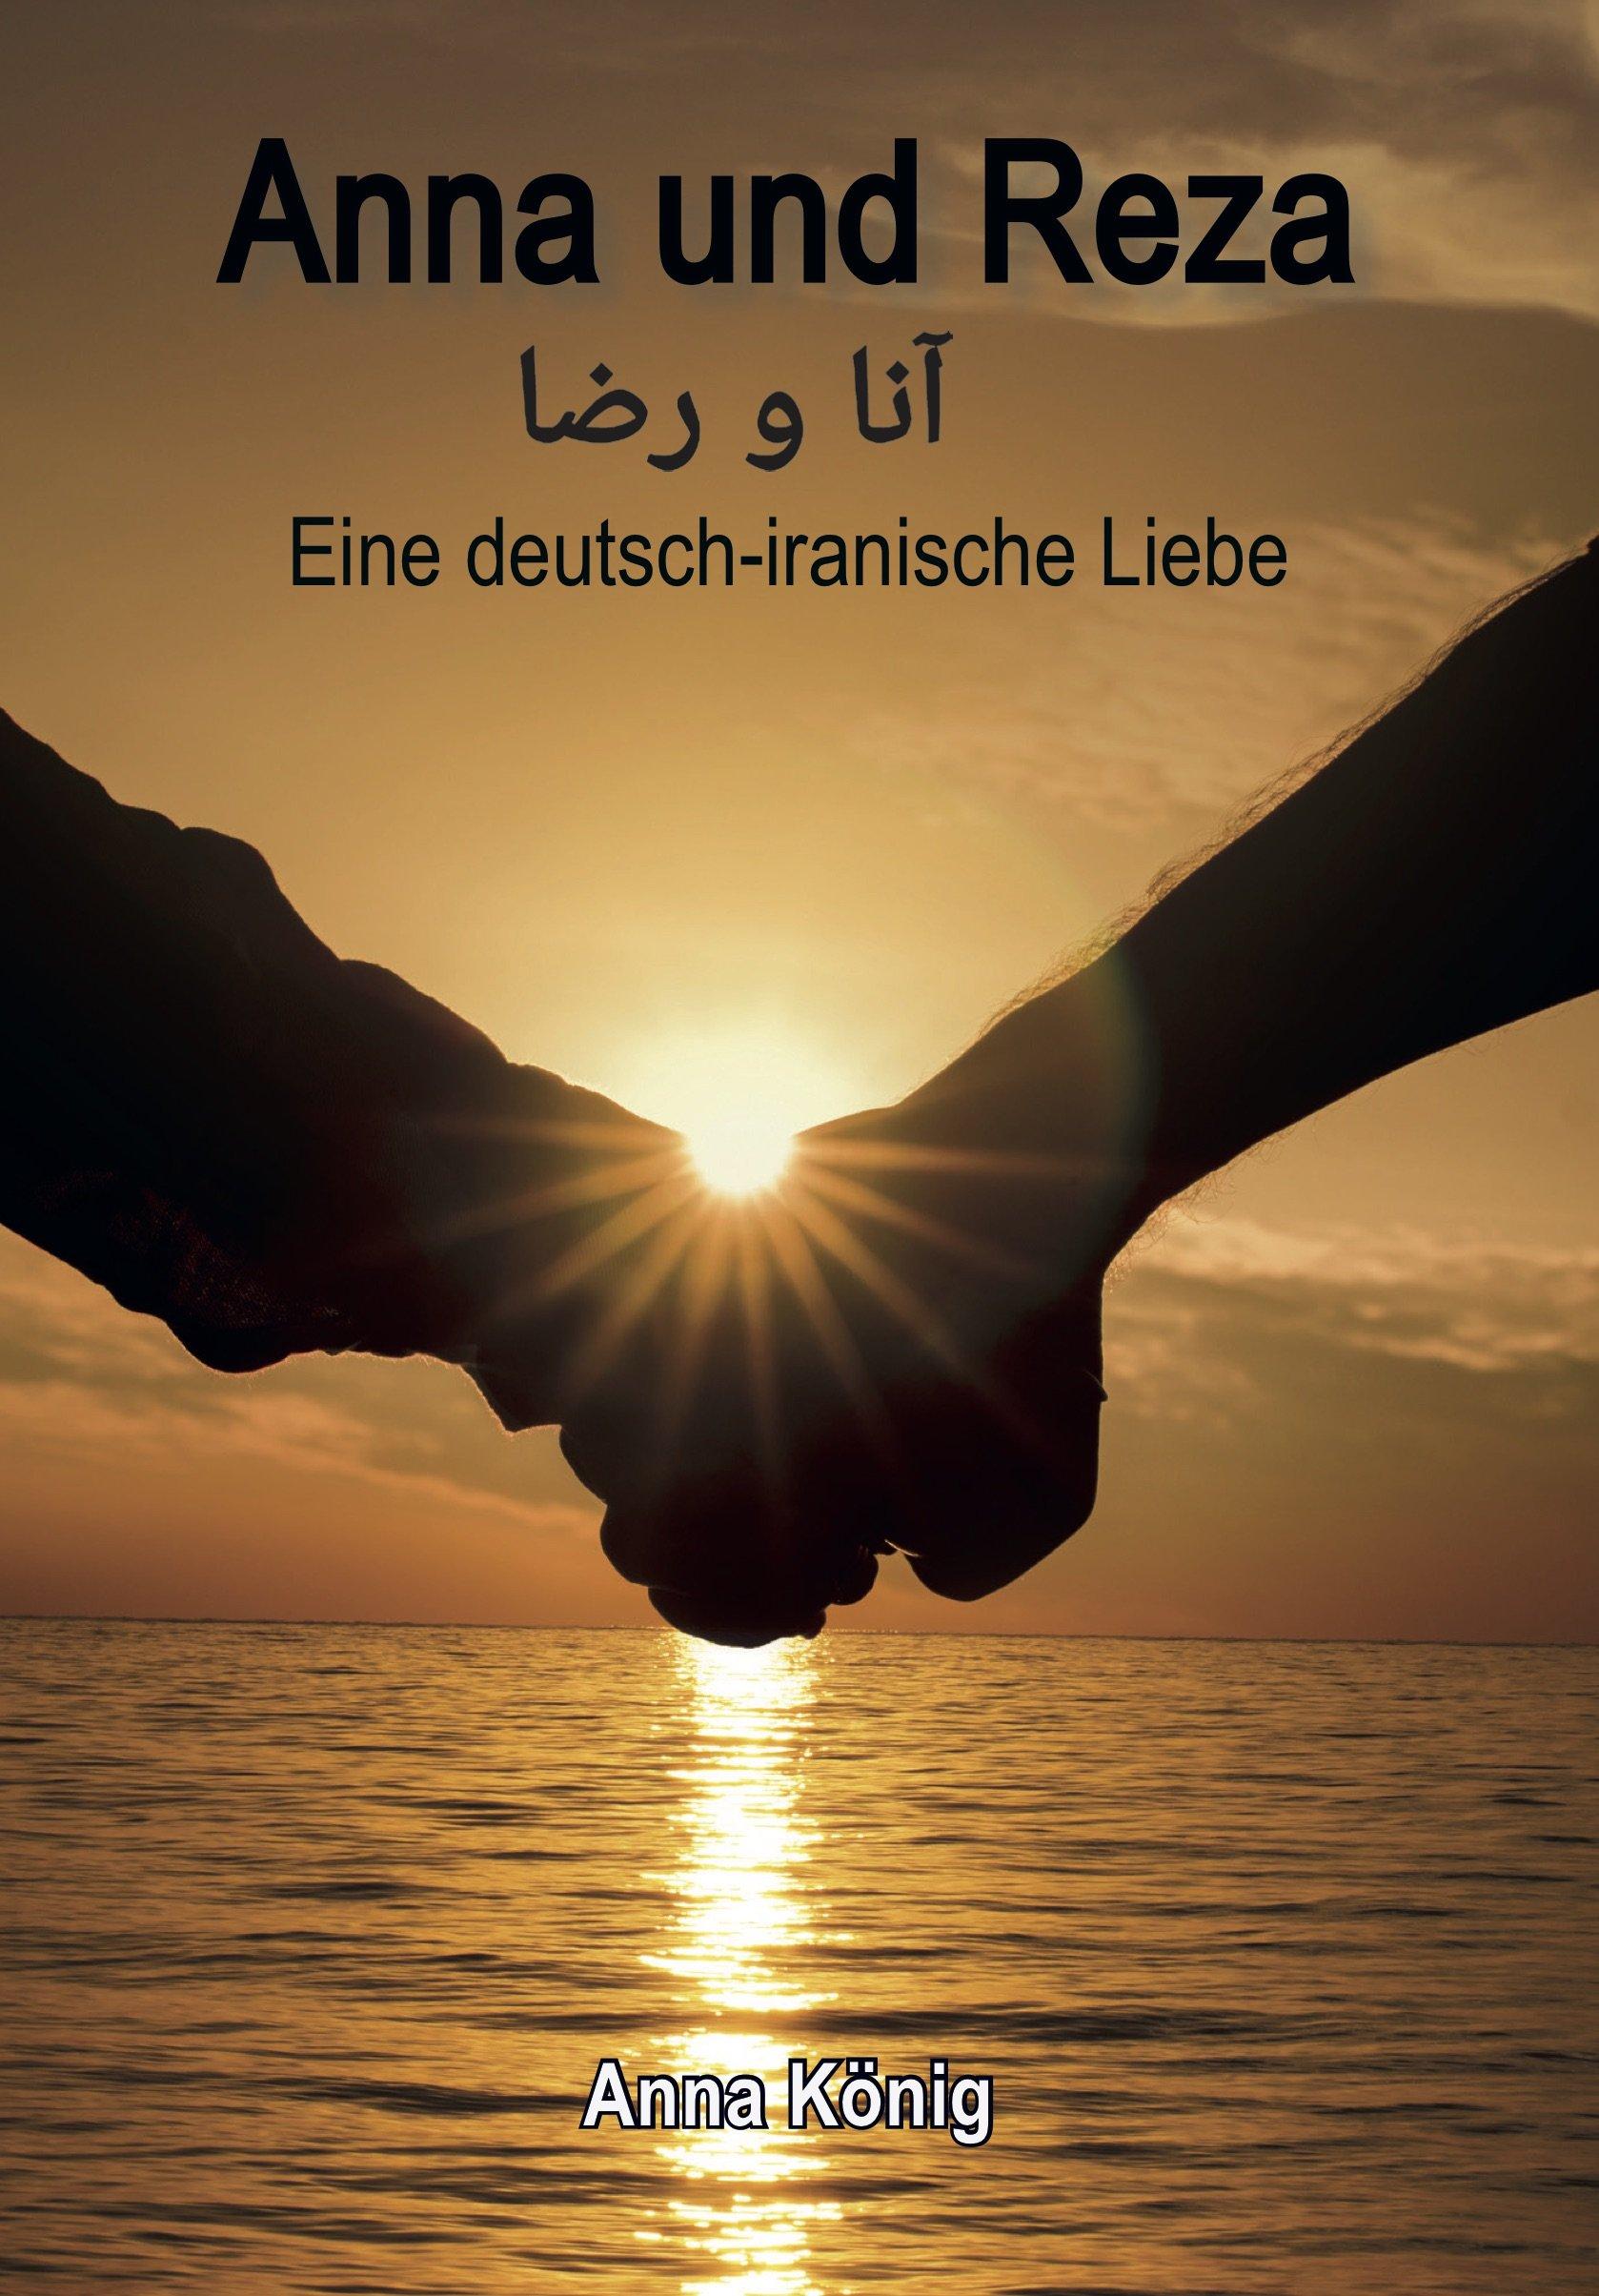 Anna und Reza: eine deutsch-iranische Liebe Taschenbuch – 5. Februar 2018 Anna König Romeon-Verlag 3962290494 Abenteuer - Abenteurer